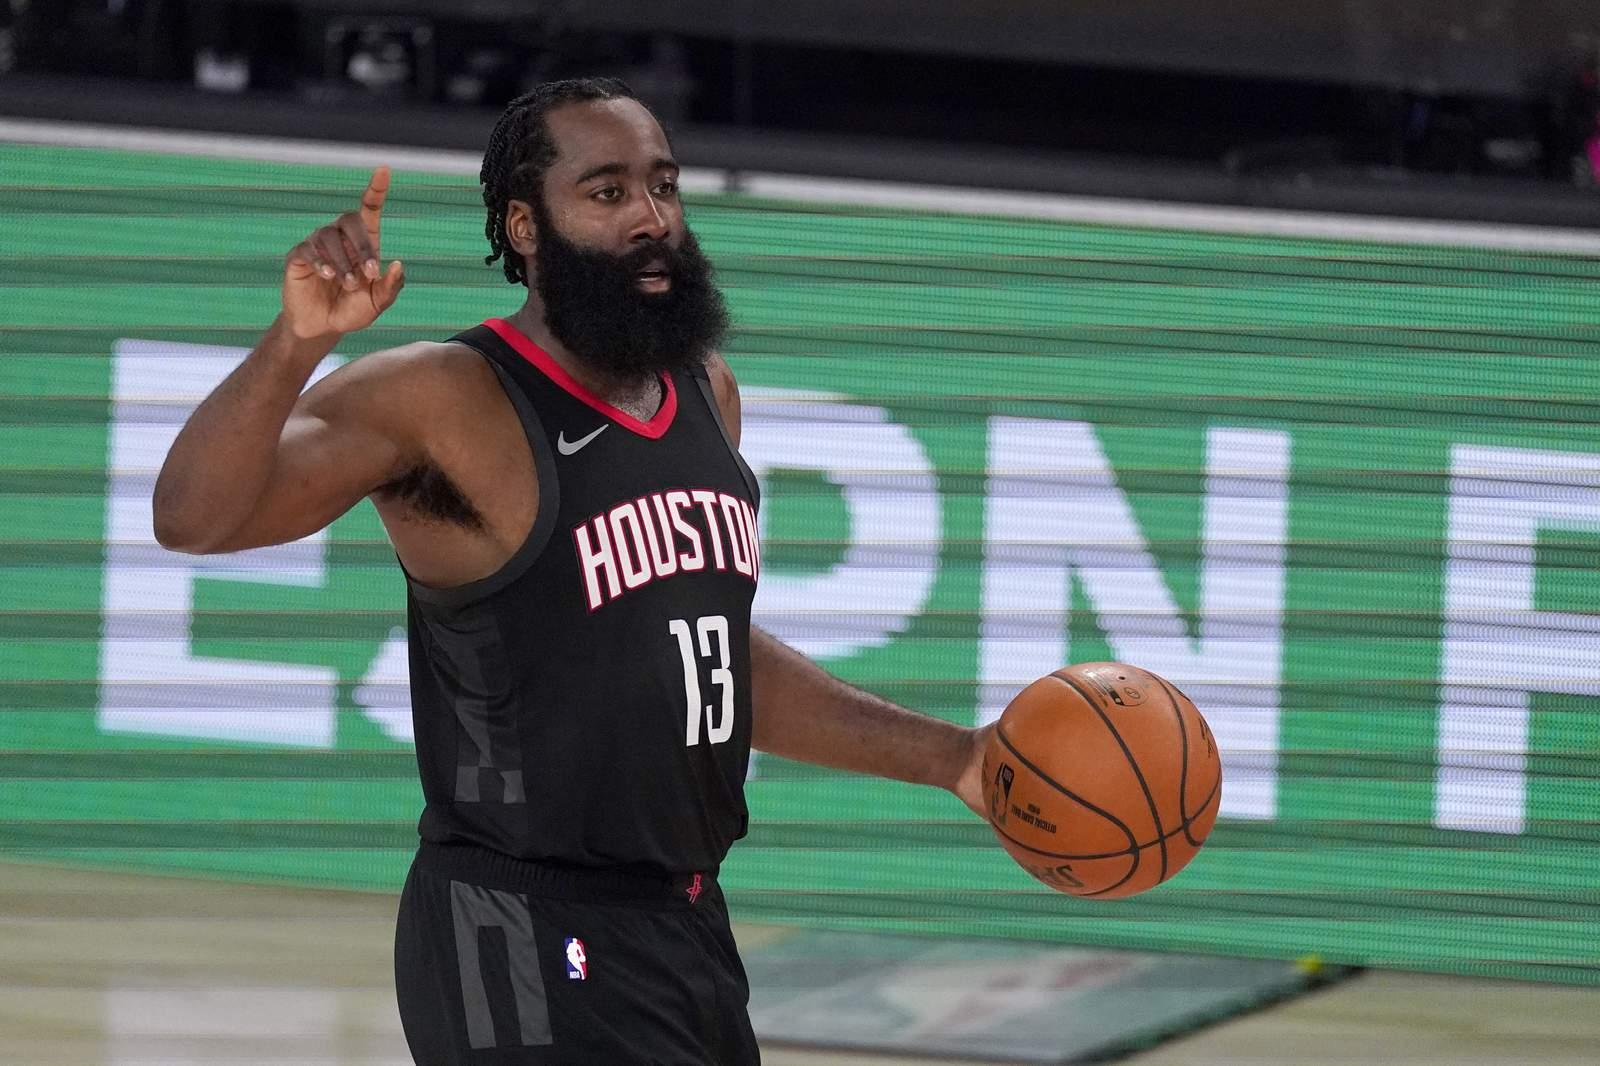 【籃網要怎麼得到Harden? McCollum:除非送出Irving】 | 04看世界 | 籃球地帶 - fanpiece